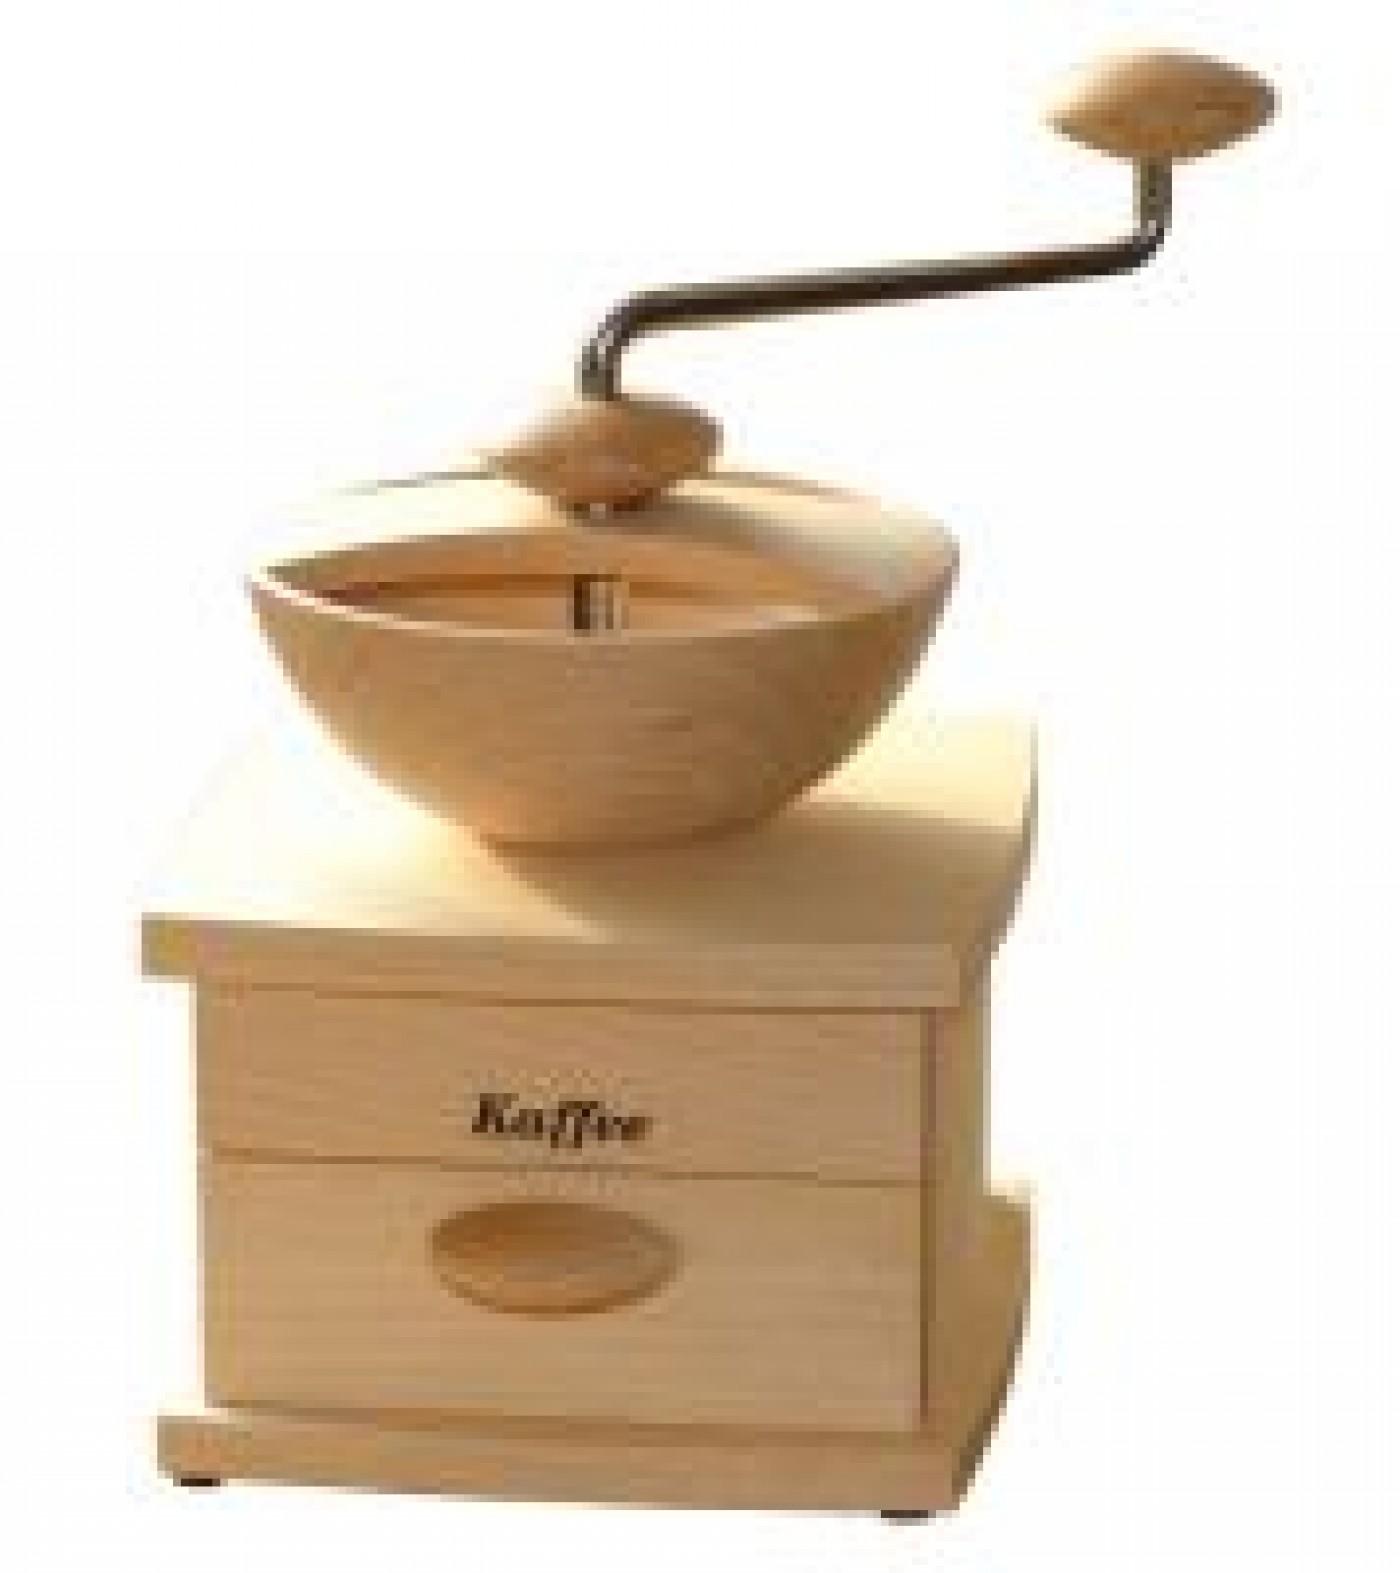 handgetreidem hle kornkraft mulino kaffee handm hle mit schublade kaffeebohnen selber frisch. Black Bedroom Furniture Sets. Home Design Ideas